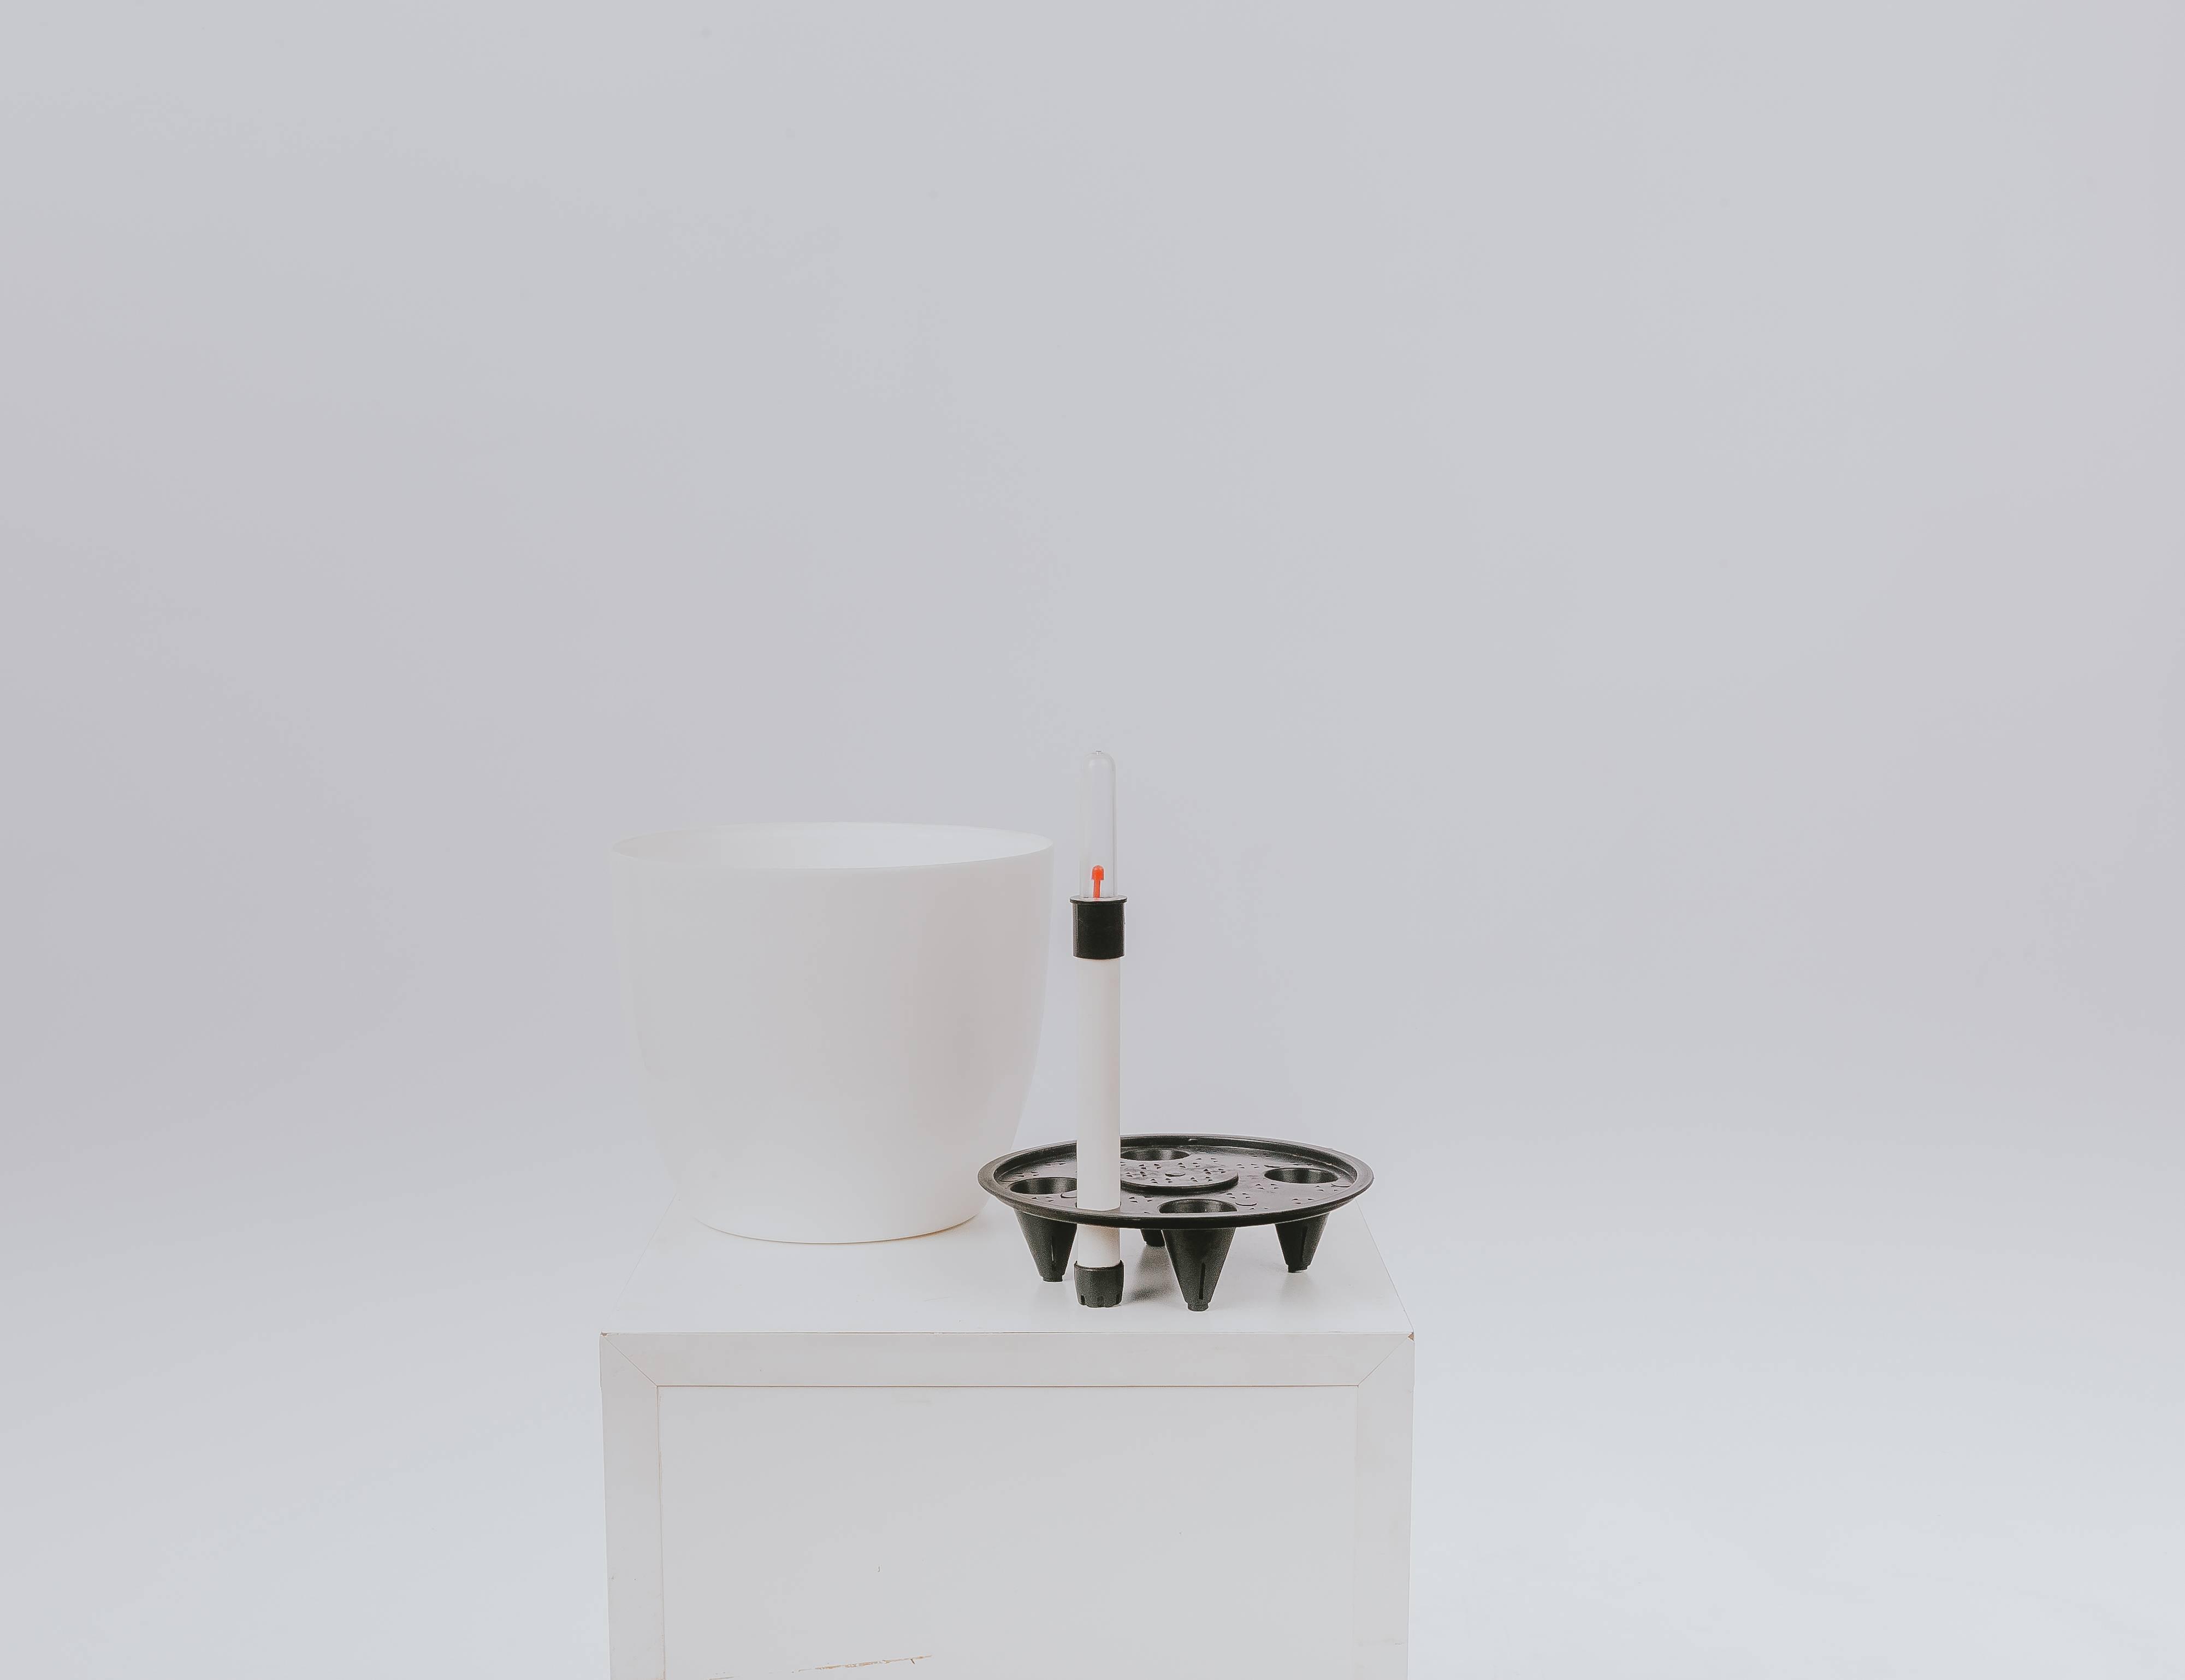 5 Chậu Cây Tự Tưới Nước Size 18,5x16cm Màu Trắng